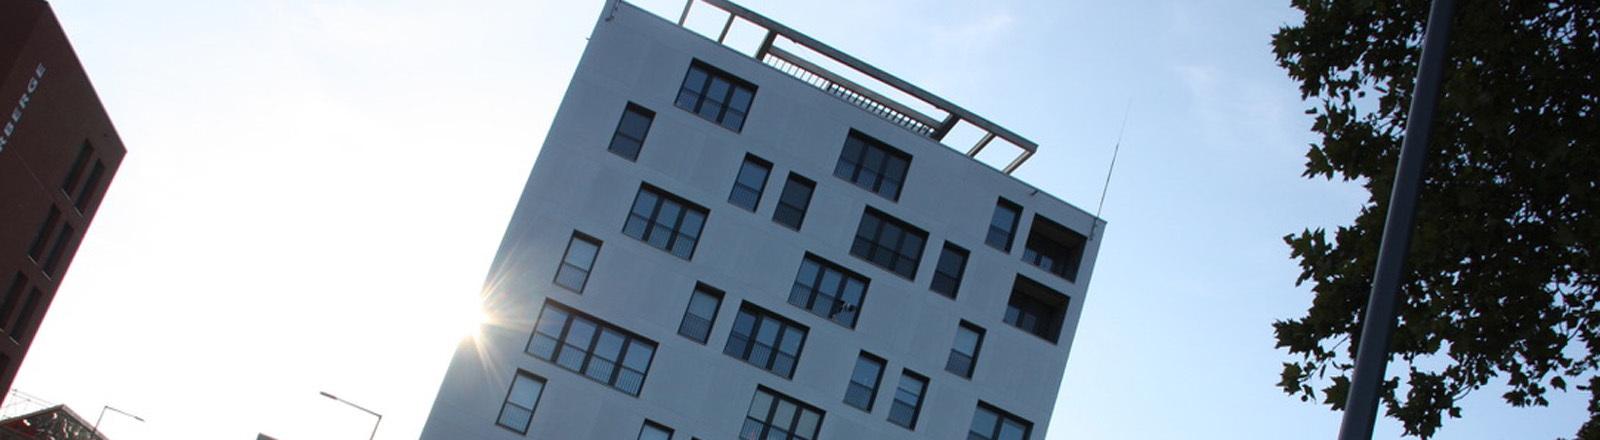 Holzhochhaus vor blauem Himmel